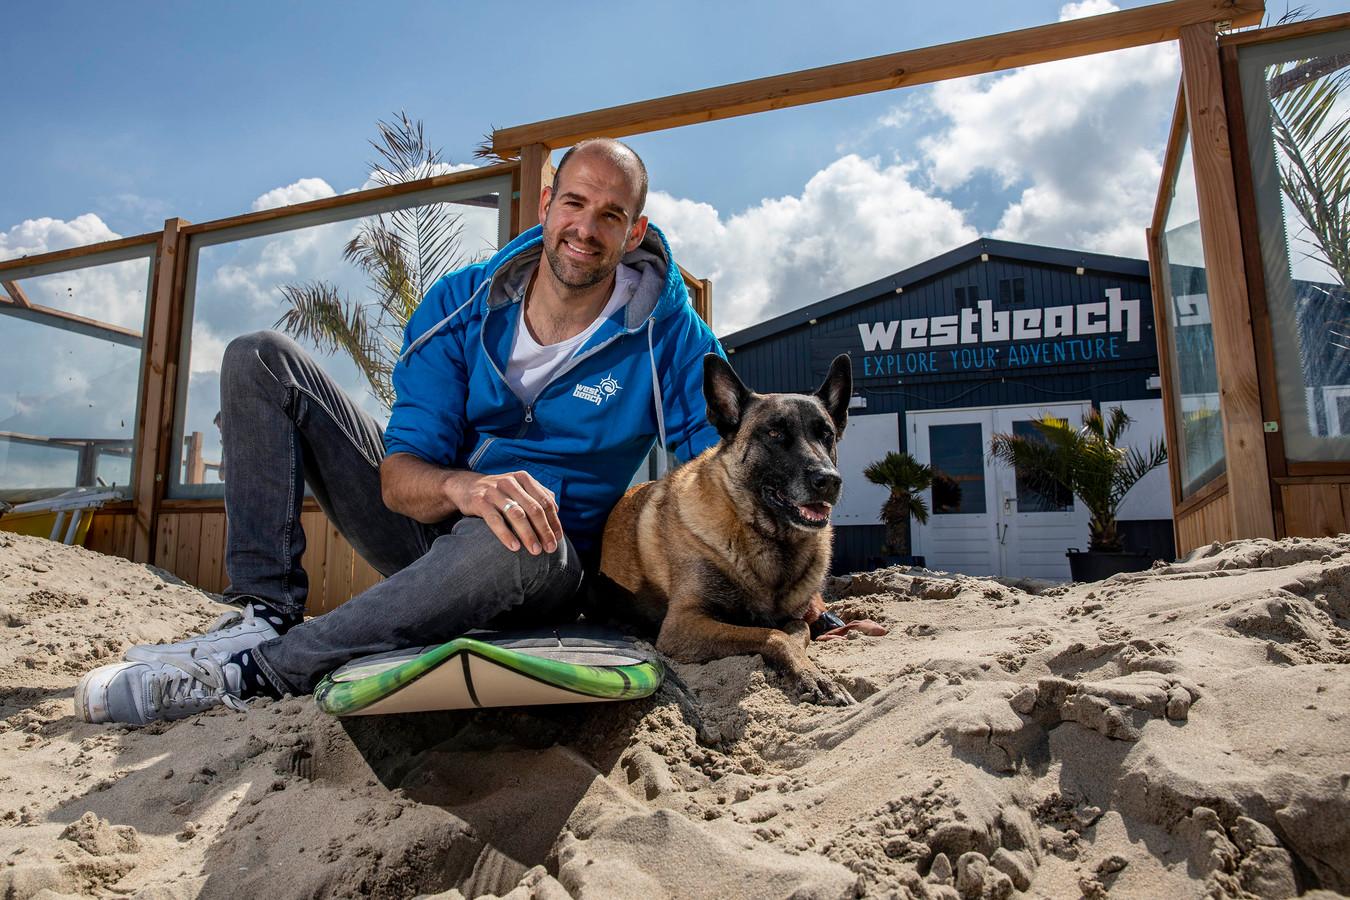 Paul Verhoeven van kitesurfschool Westbeach.